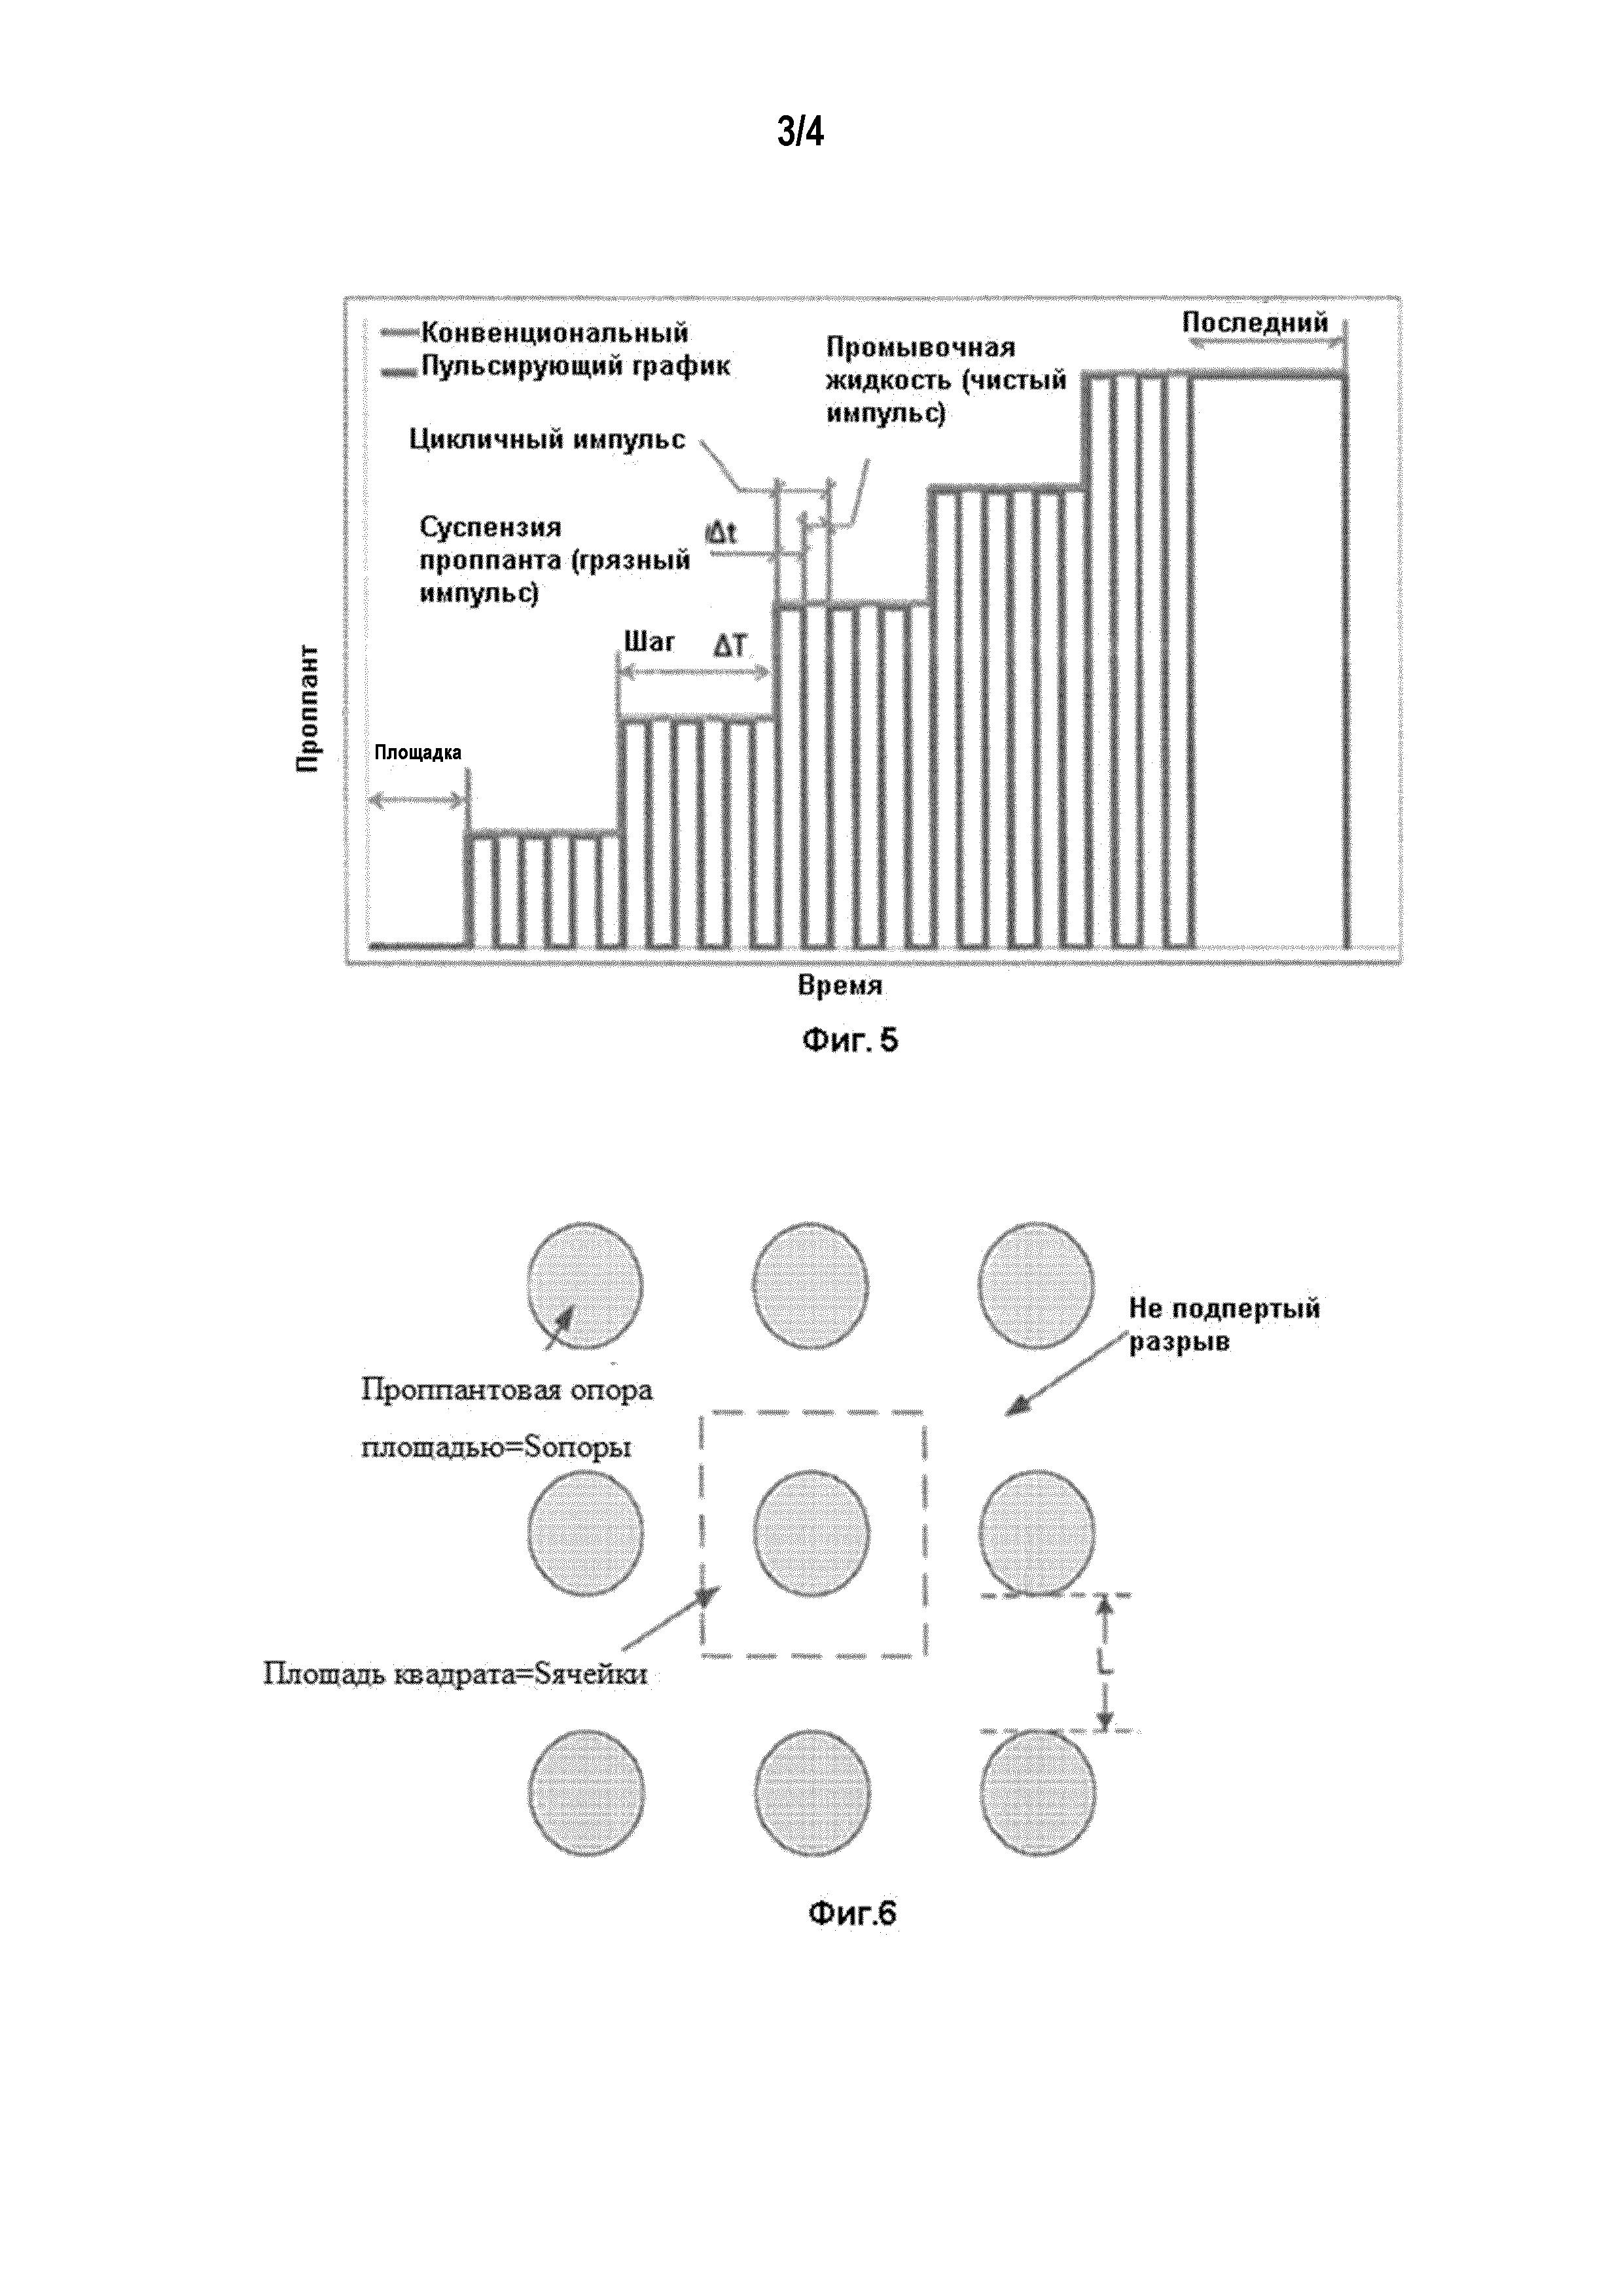 Гетерогенность уплотненных тканей